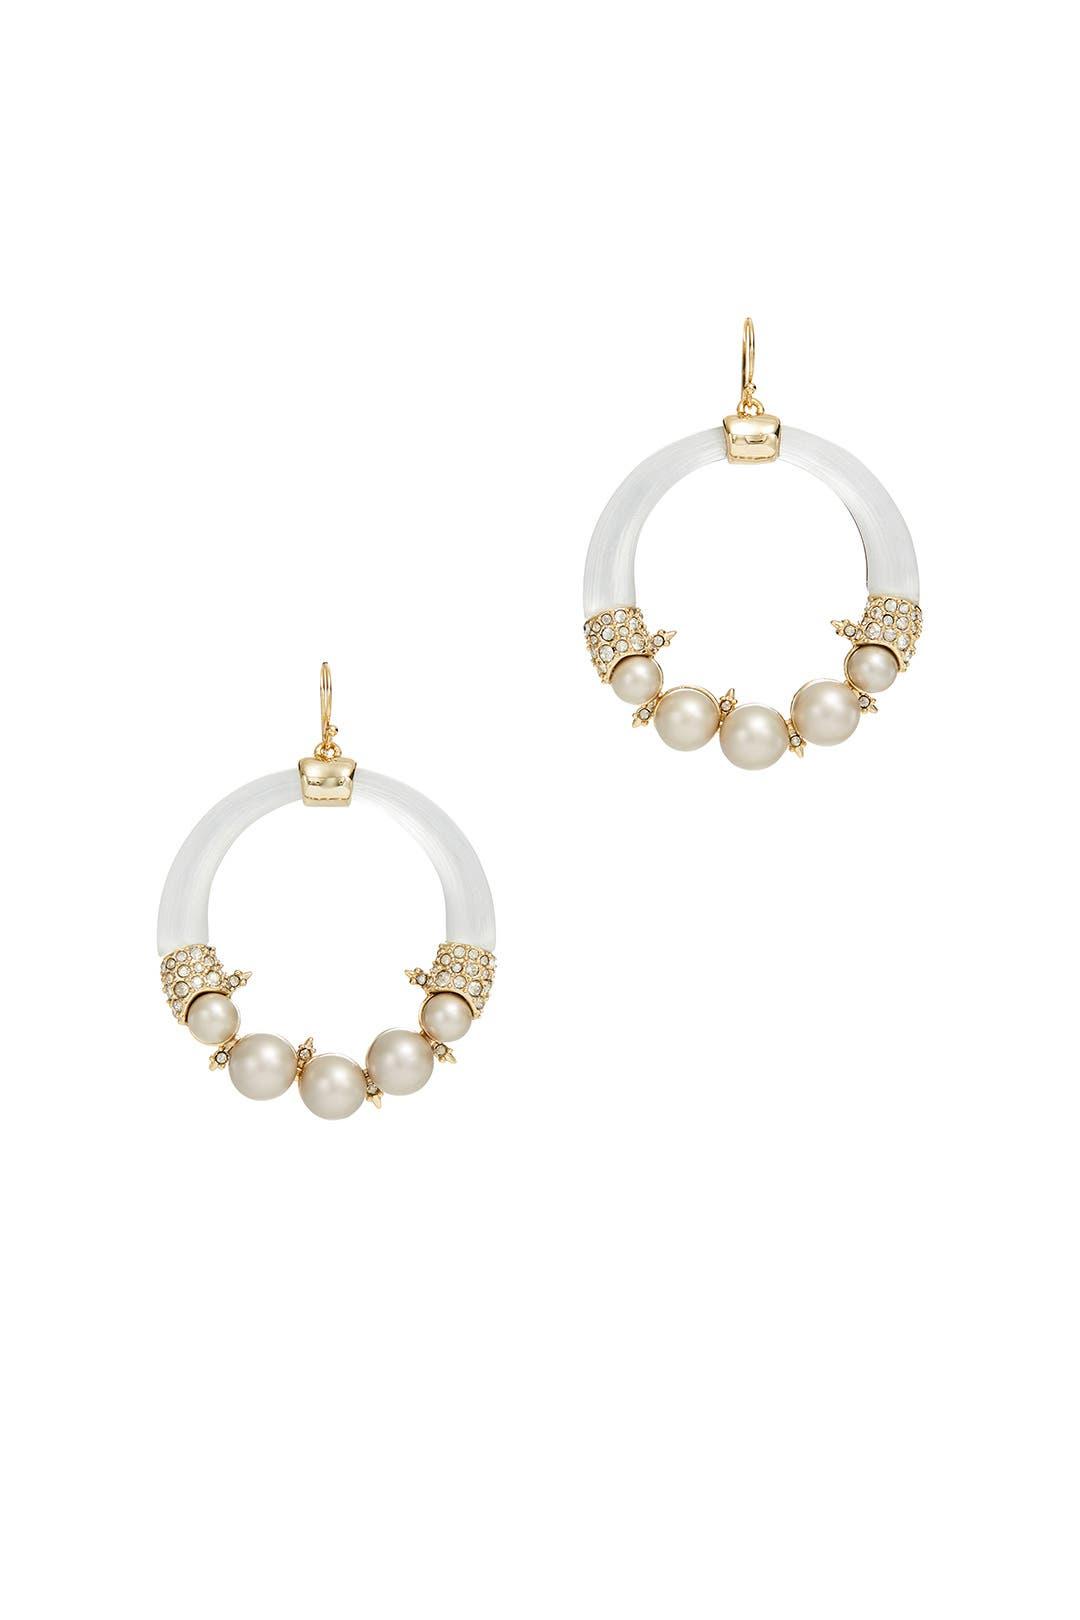 Alexis Bittar Crystal Encrusted Pearl Hoop Wire Earring Silver yYR93HmPKE